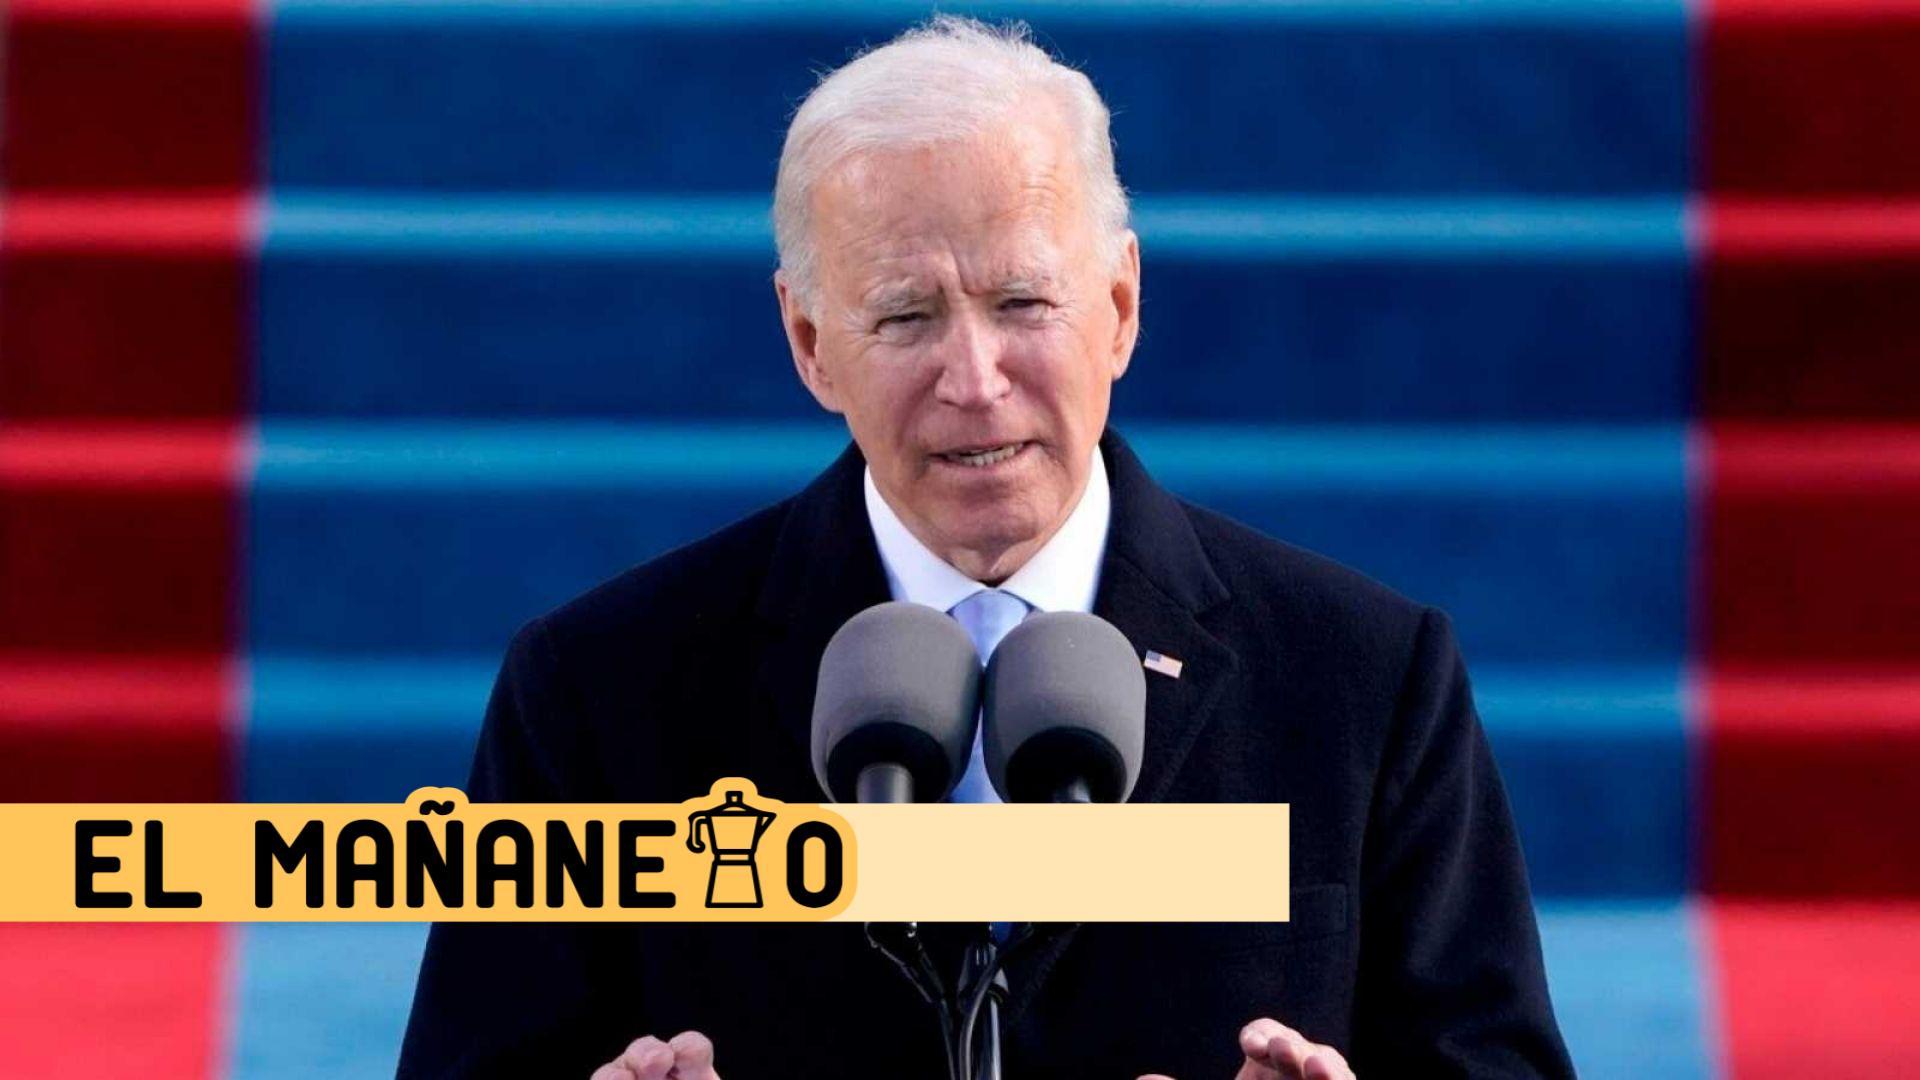 El Mañanero de hoy #21Ene: Las 8 noticias que debes saber